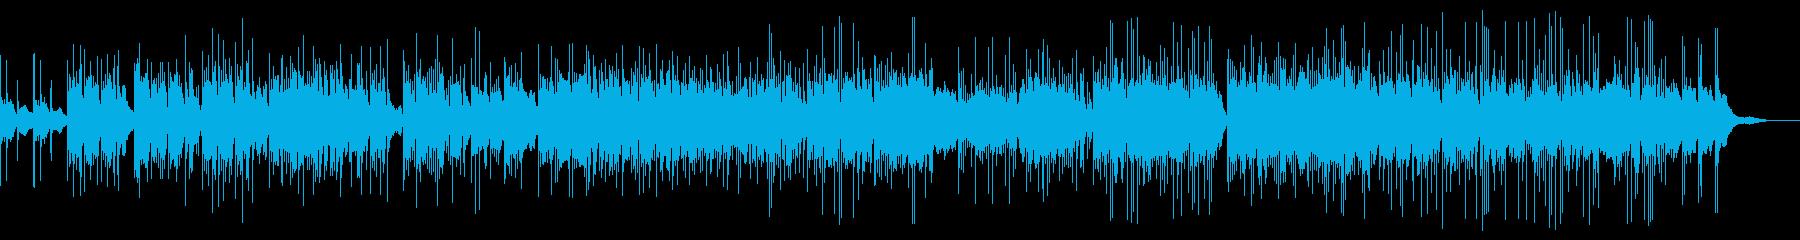 インドの楽しい民族音楽の再生済みの波形